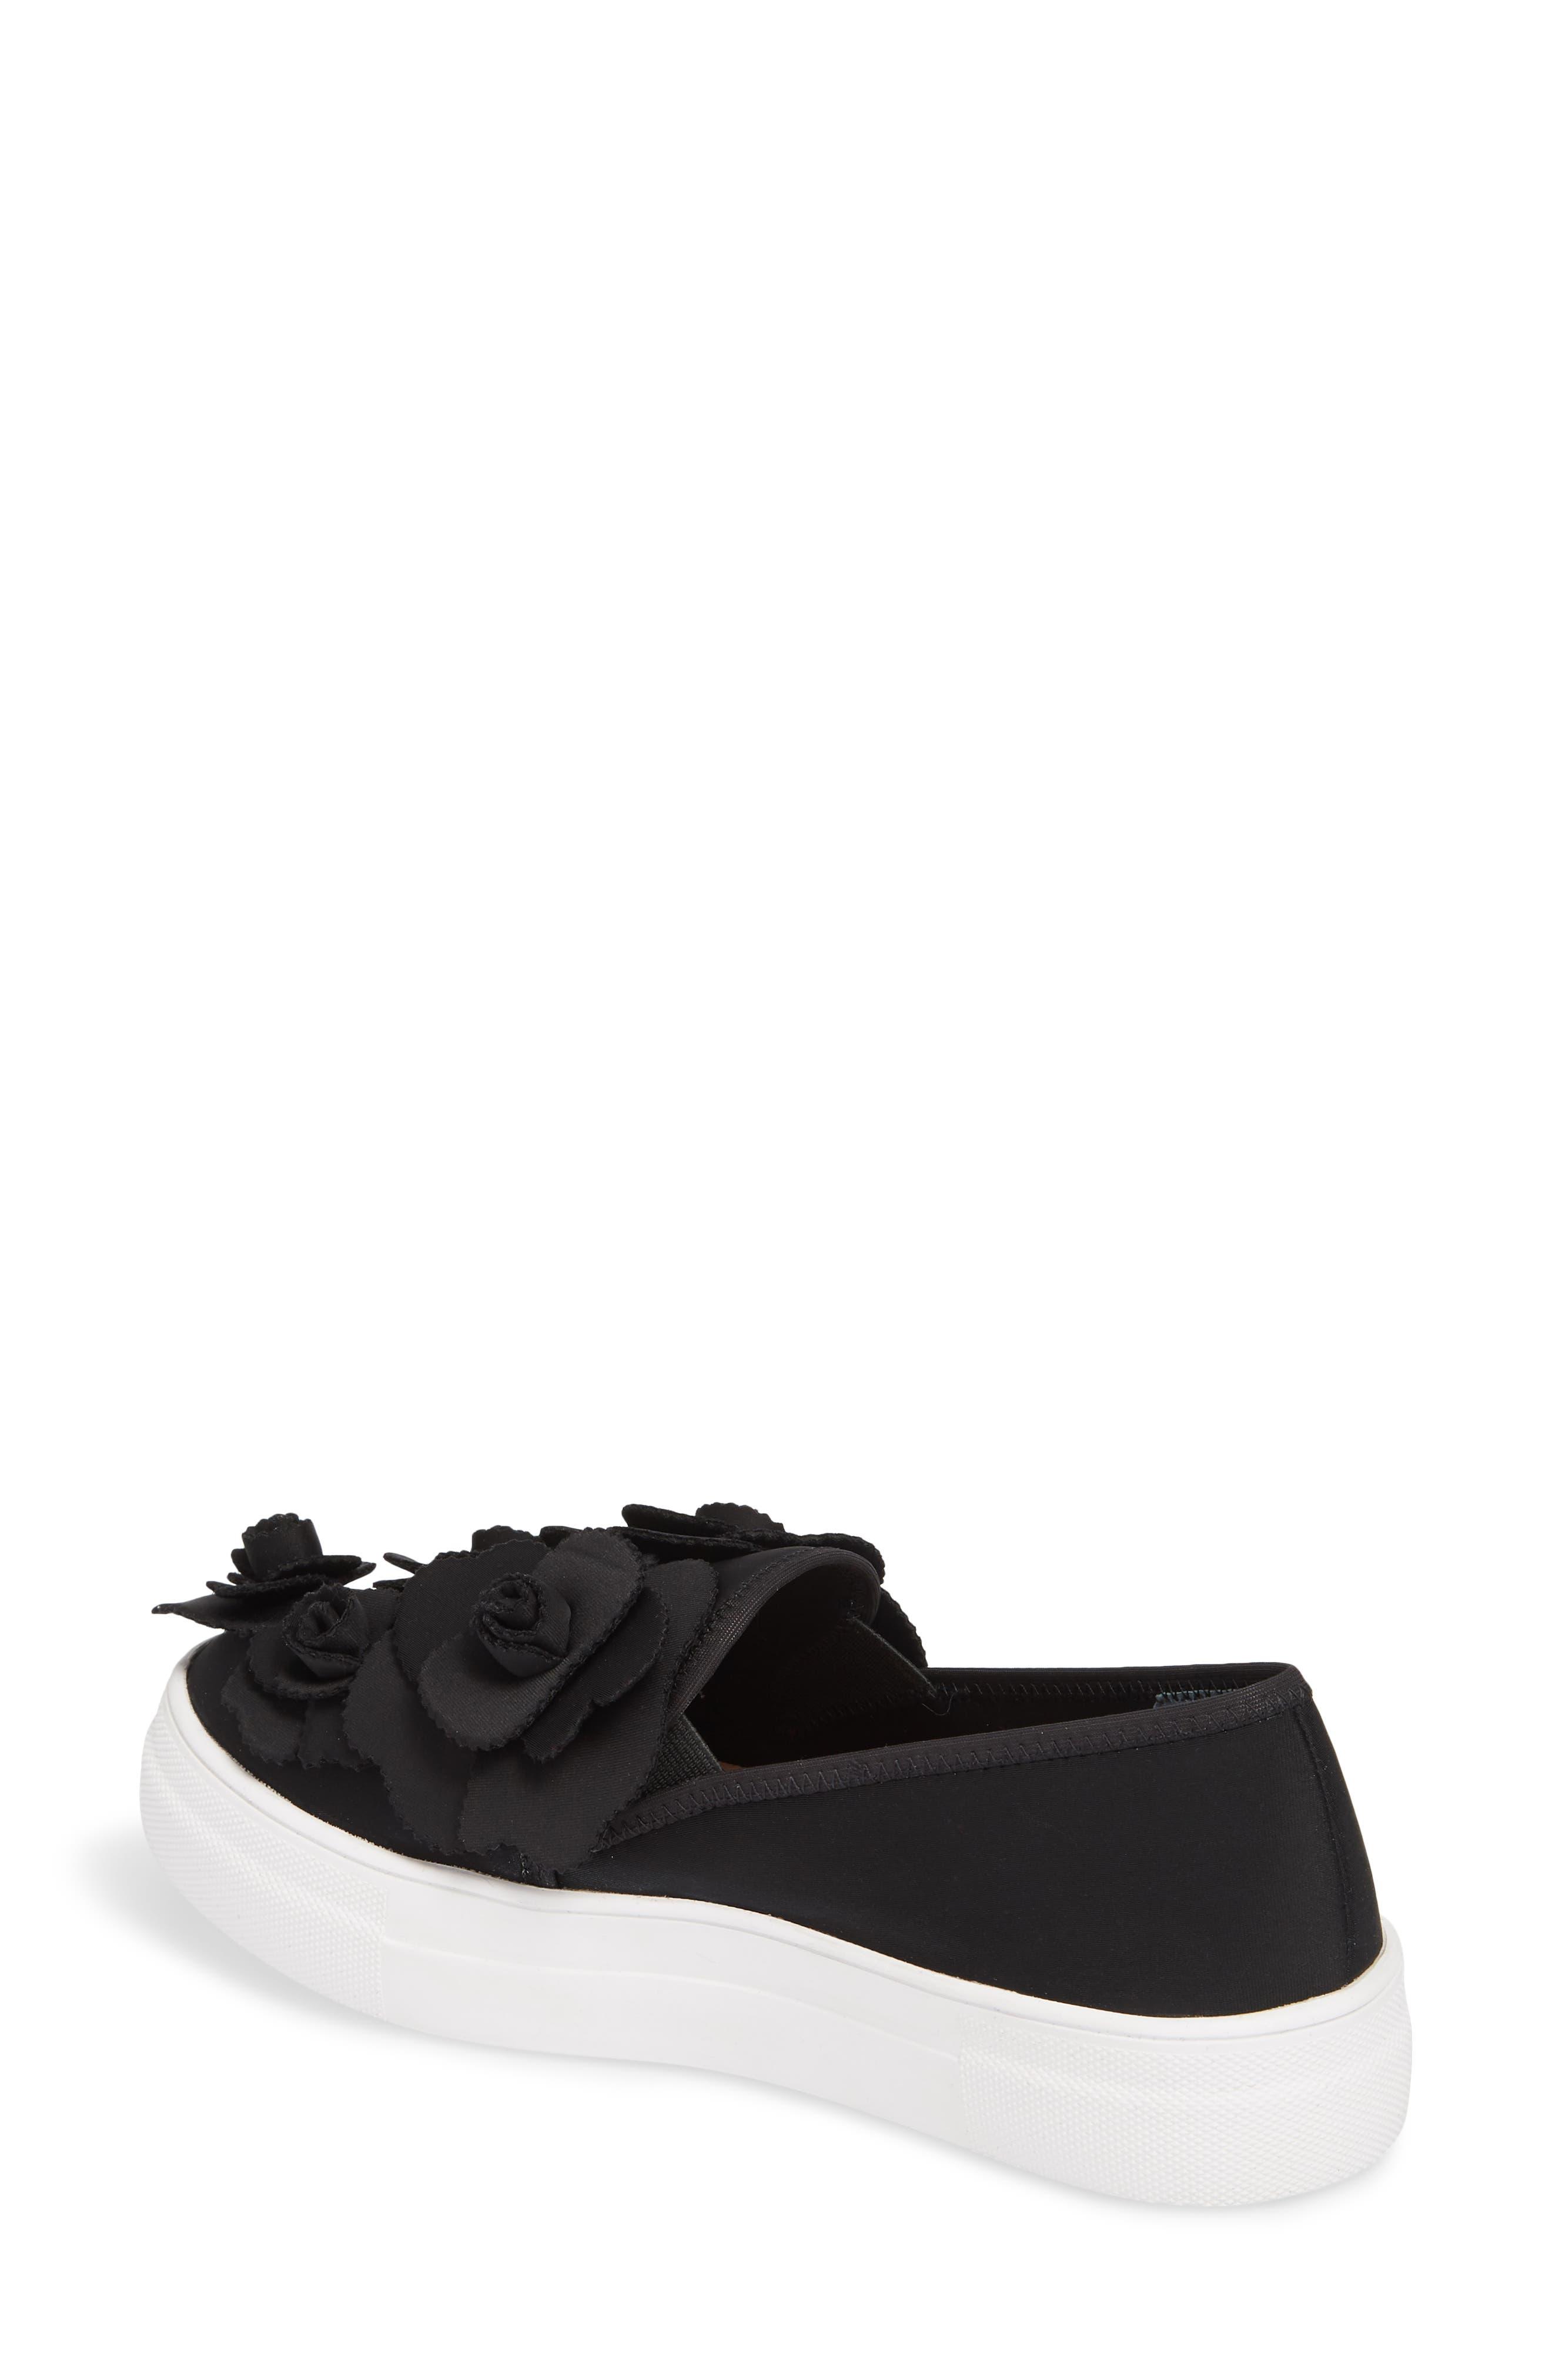 Alden Floral Embellished Slip-On Sneaker,                             Alternate thumbnail 2, color,                             Black Flower Neoprene